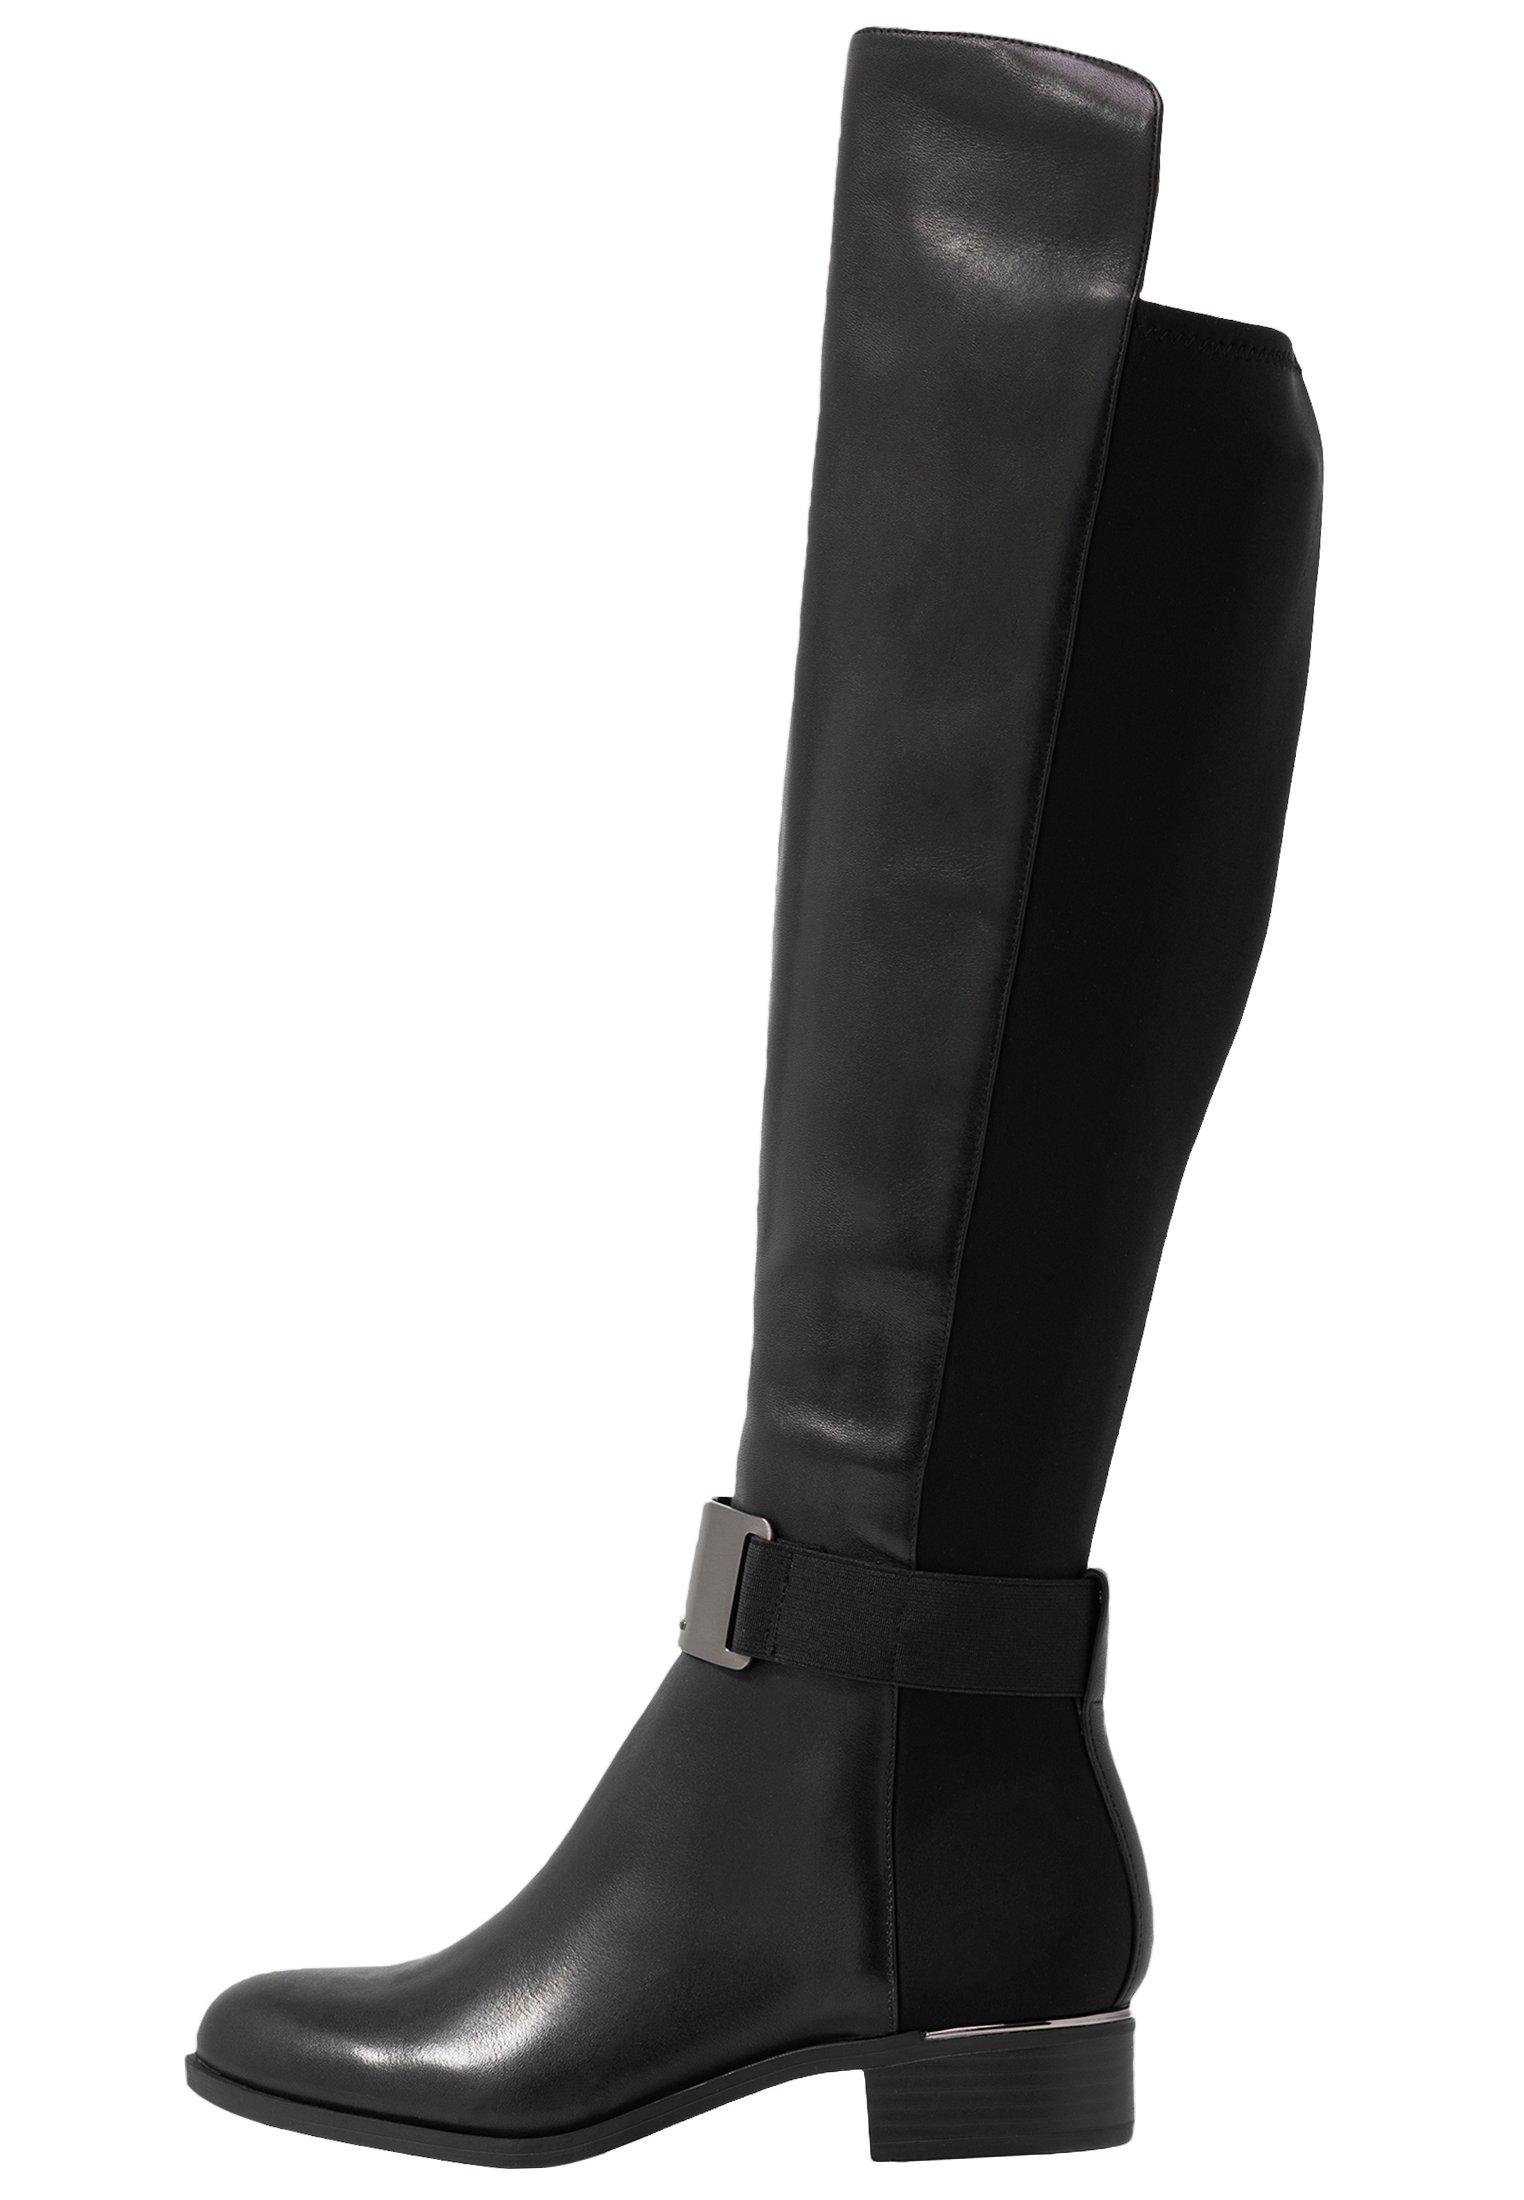 GENNIE Overknee laarzen blackgunmetal